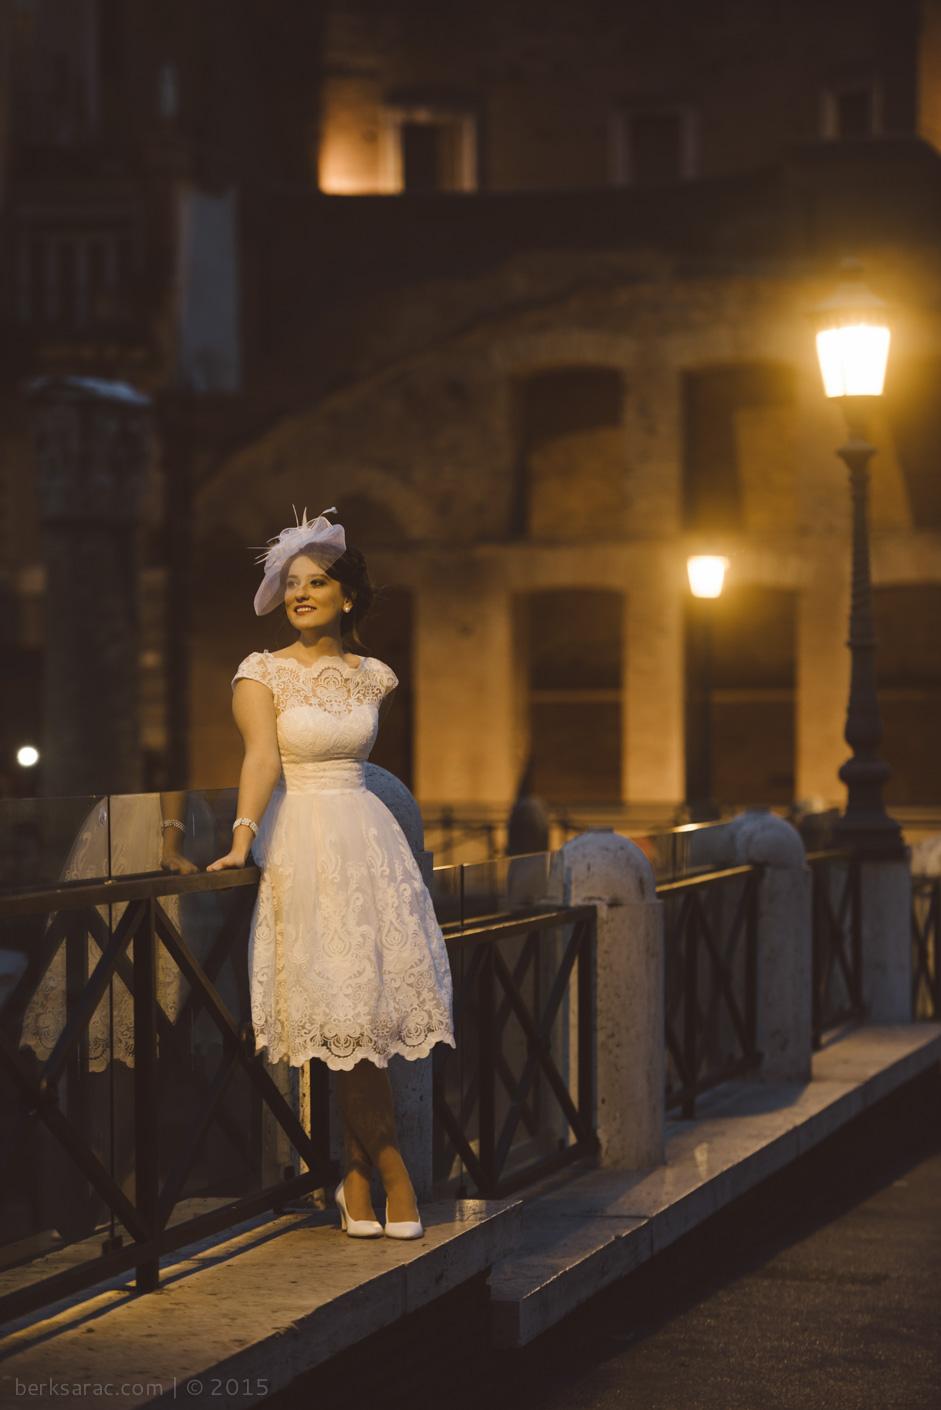 italya_düğün_fotoğrafları_070